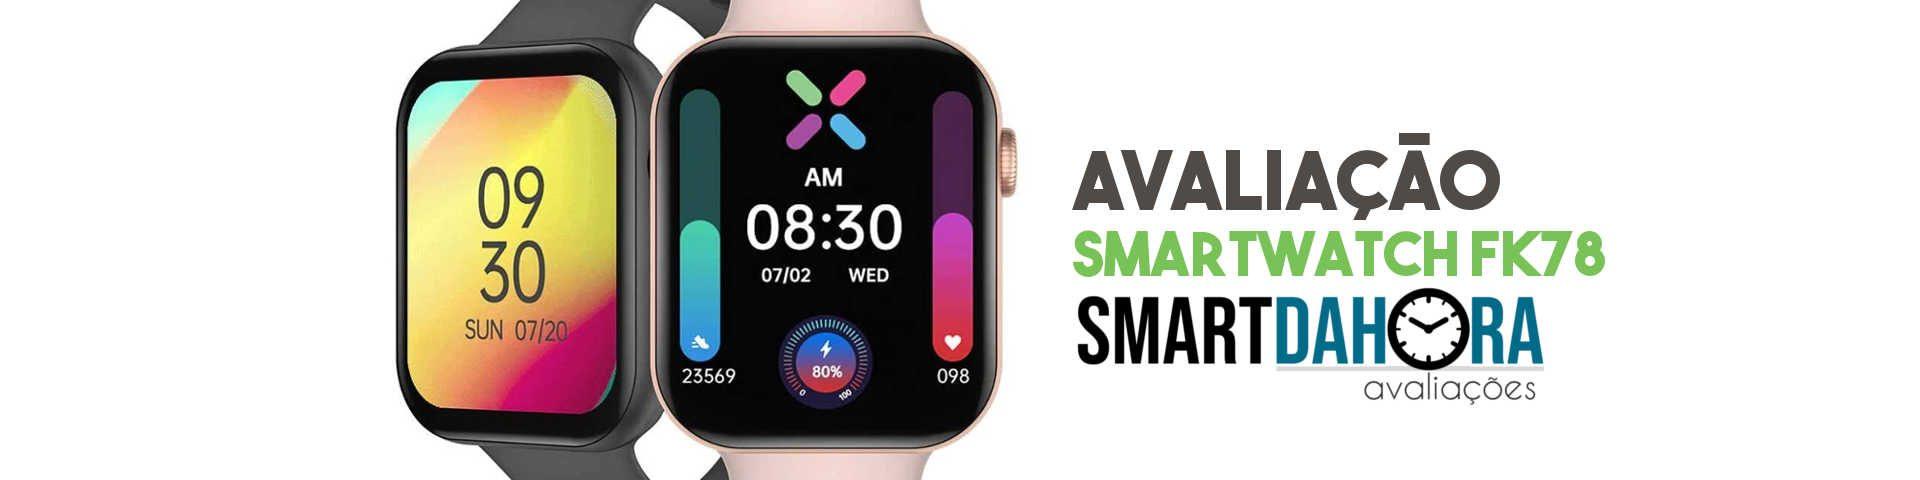 smartwatch fk78 avaliacao